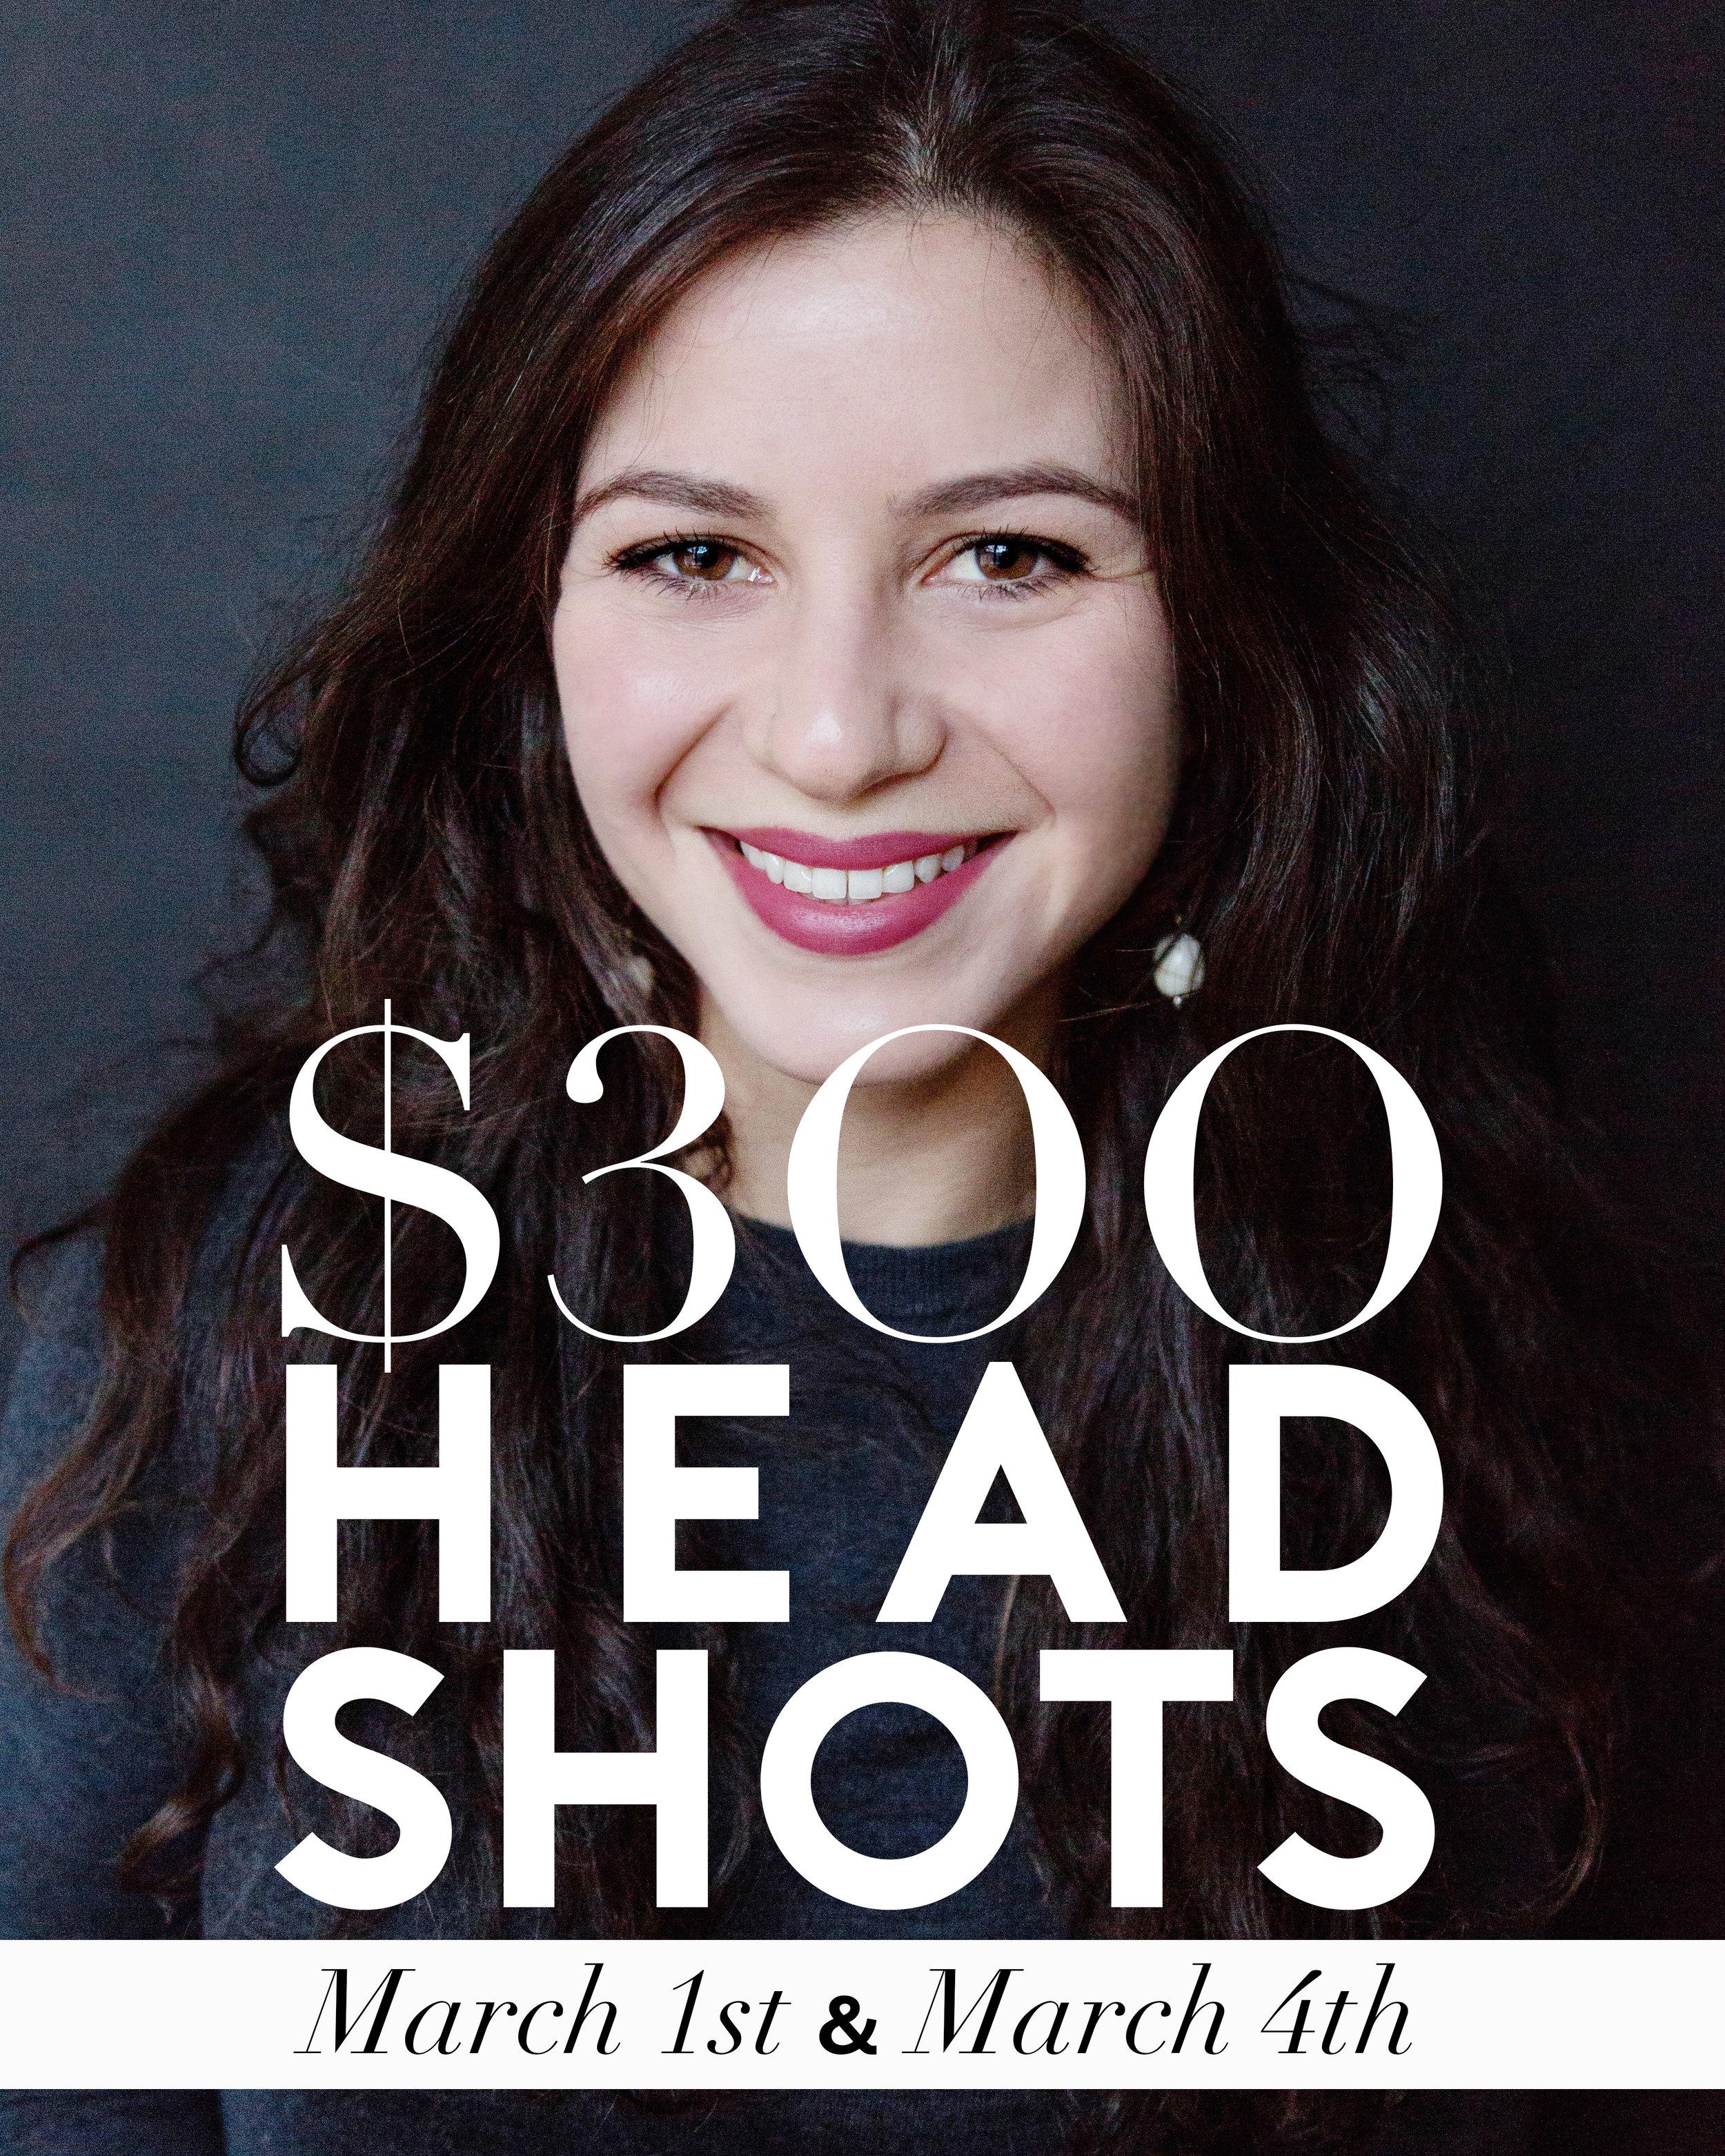 Karina_head shot copy.jpg